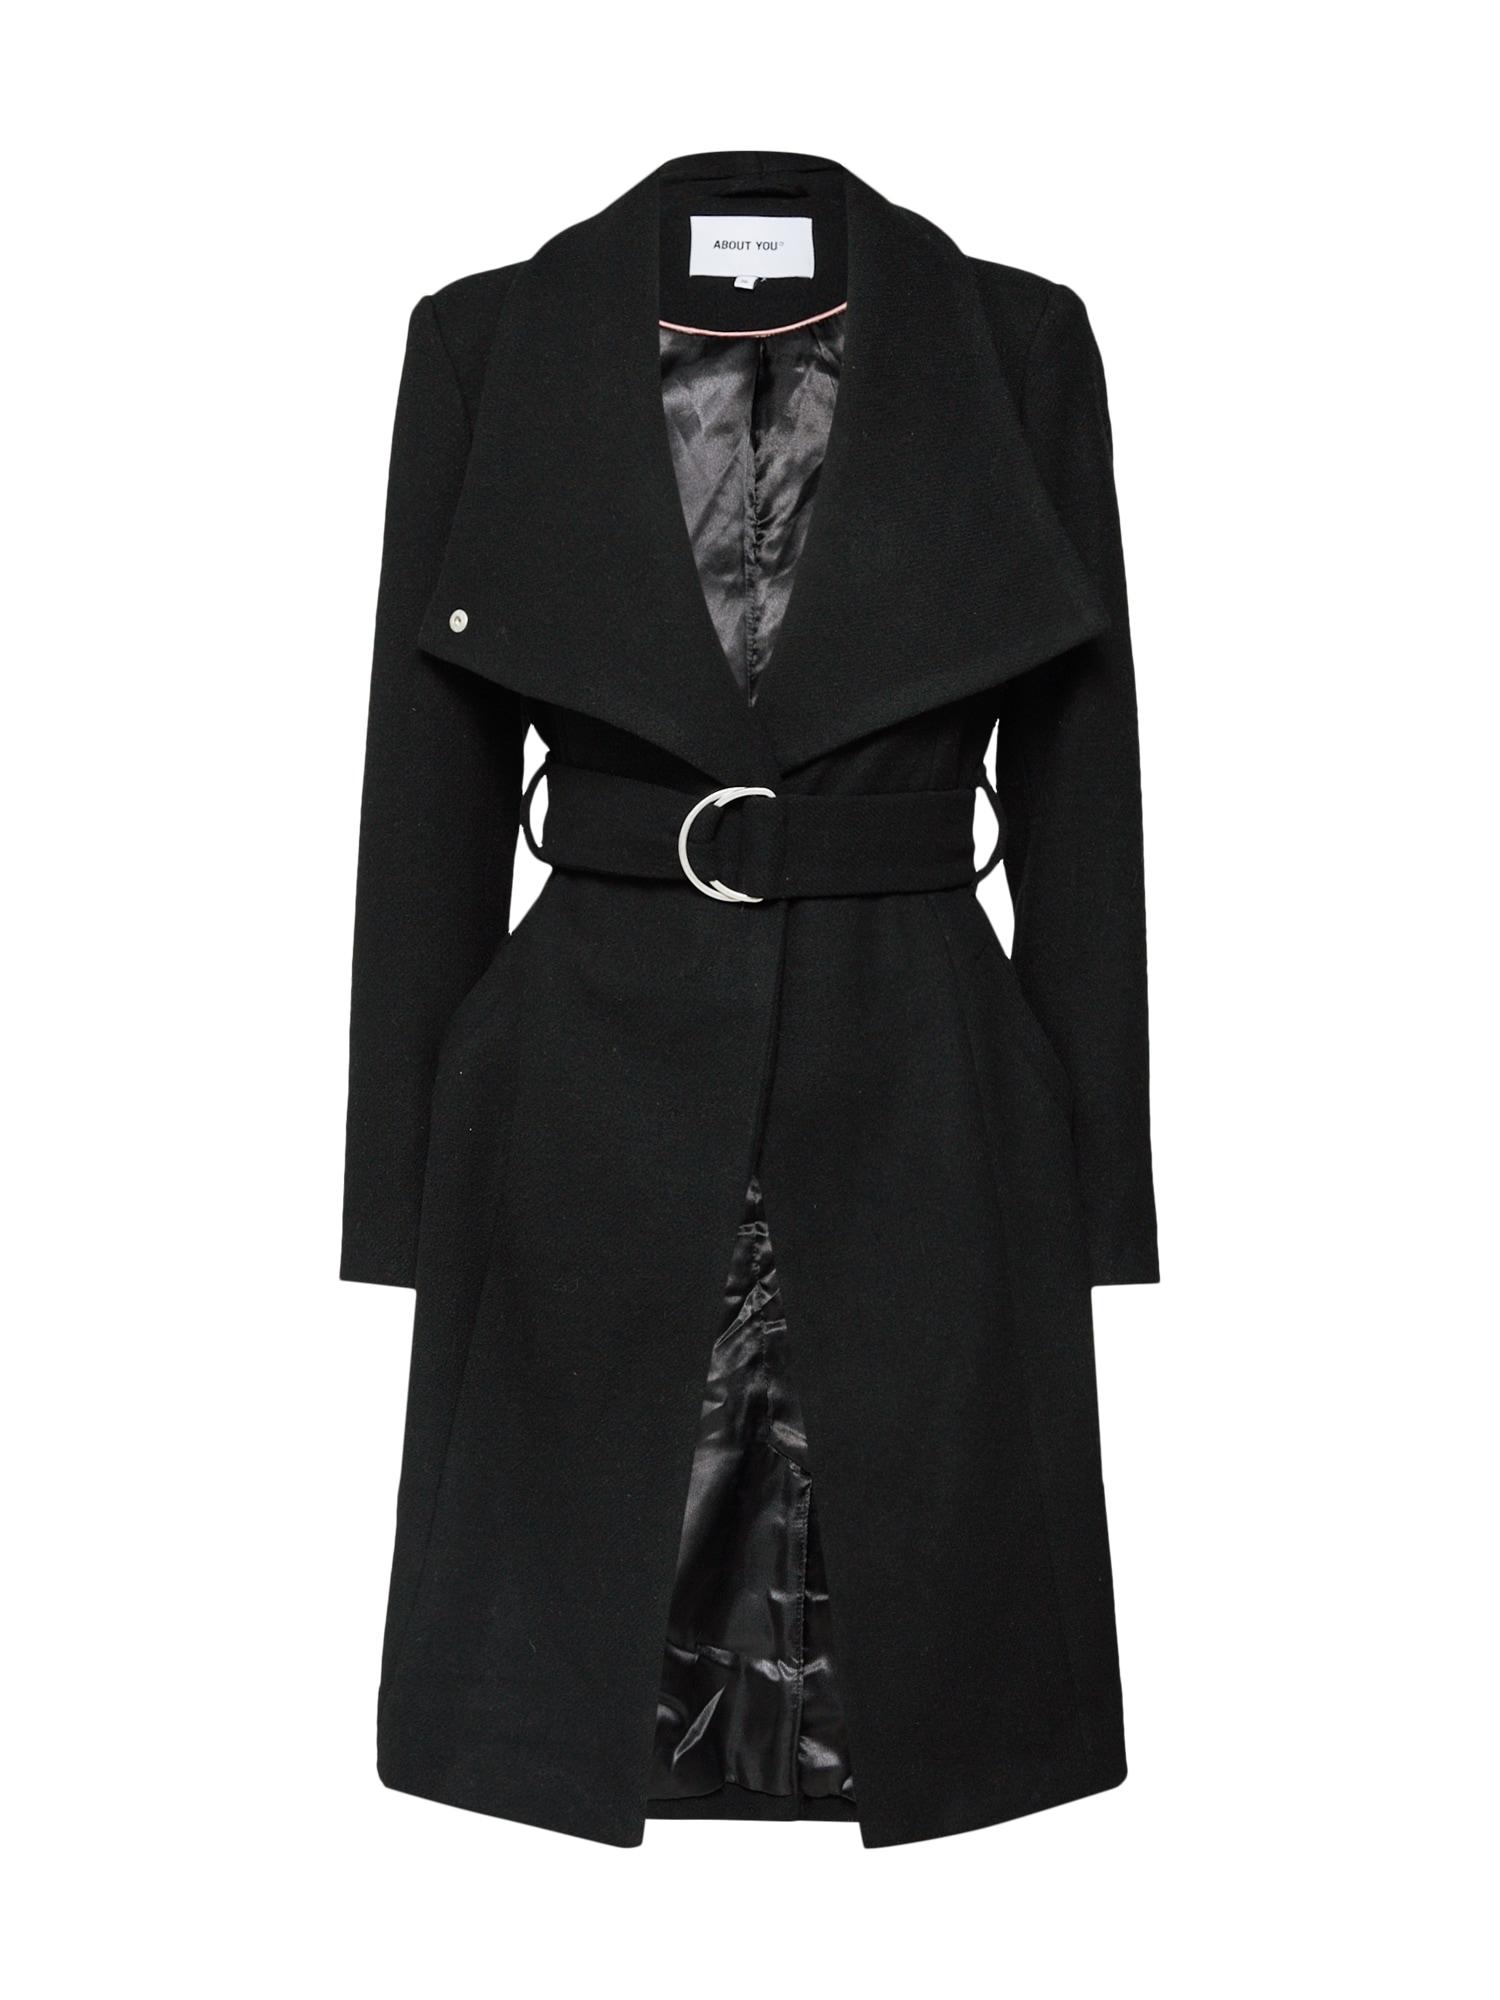 ABOUT YOU Rudeninis-žieminis paltas 'Alma' juoda